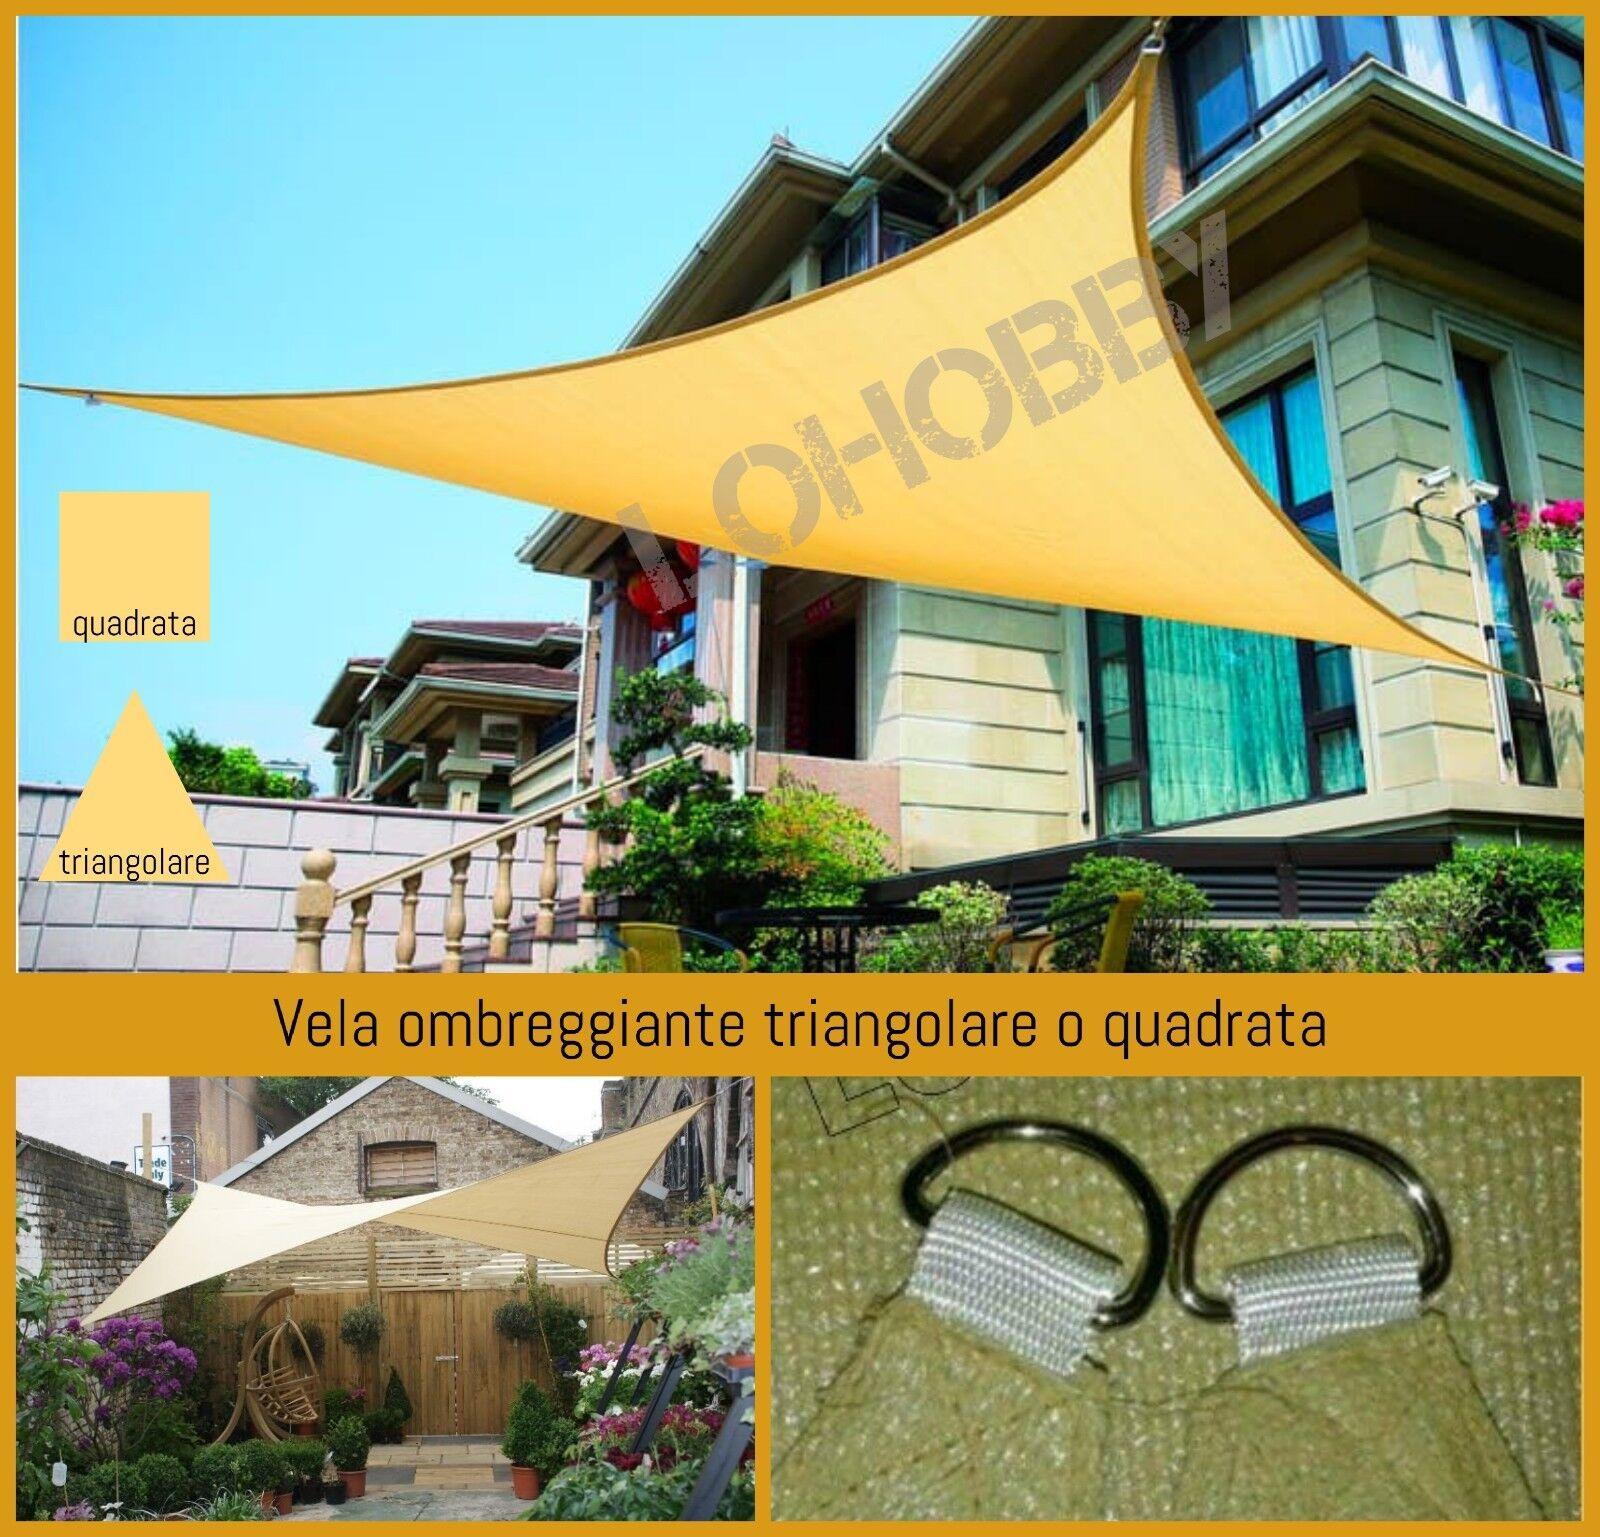 Vela Telo ombreggiante quadrata triangolare da giardino per ombra parasole rete